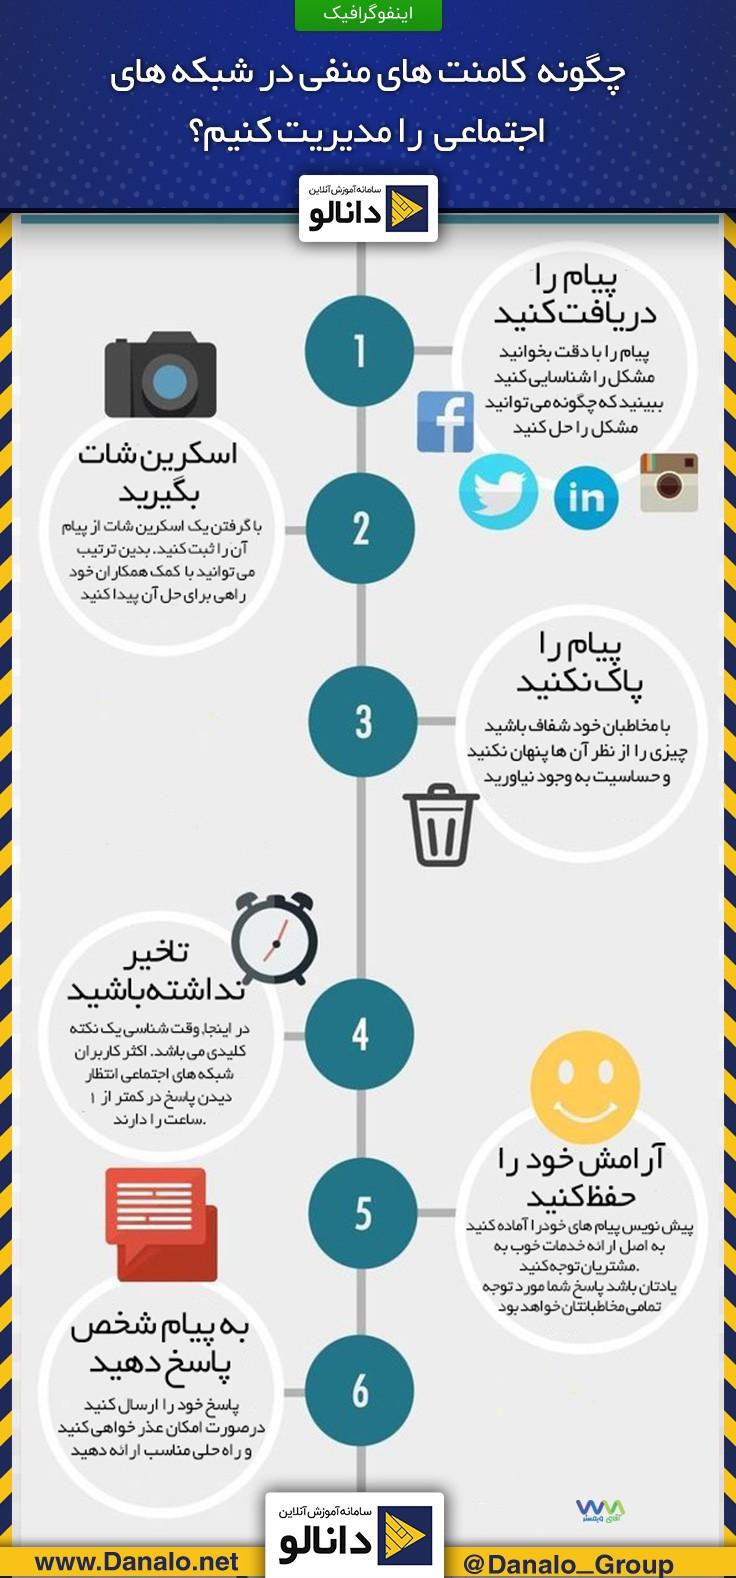 پادکست مدیریت کامنت های منفی در شبکه های اجتماعی